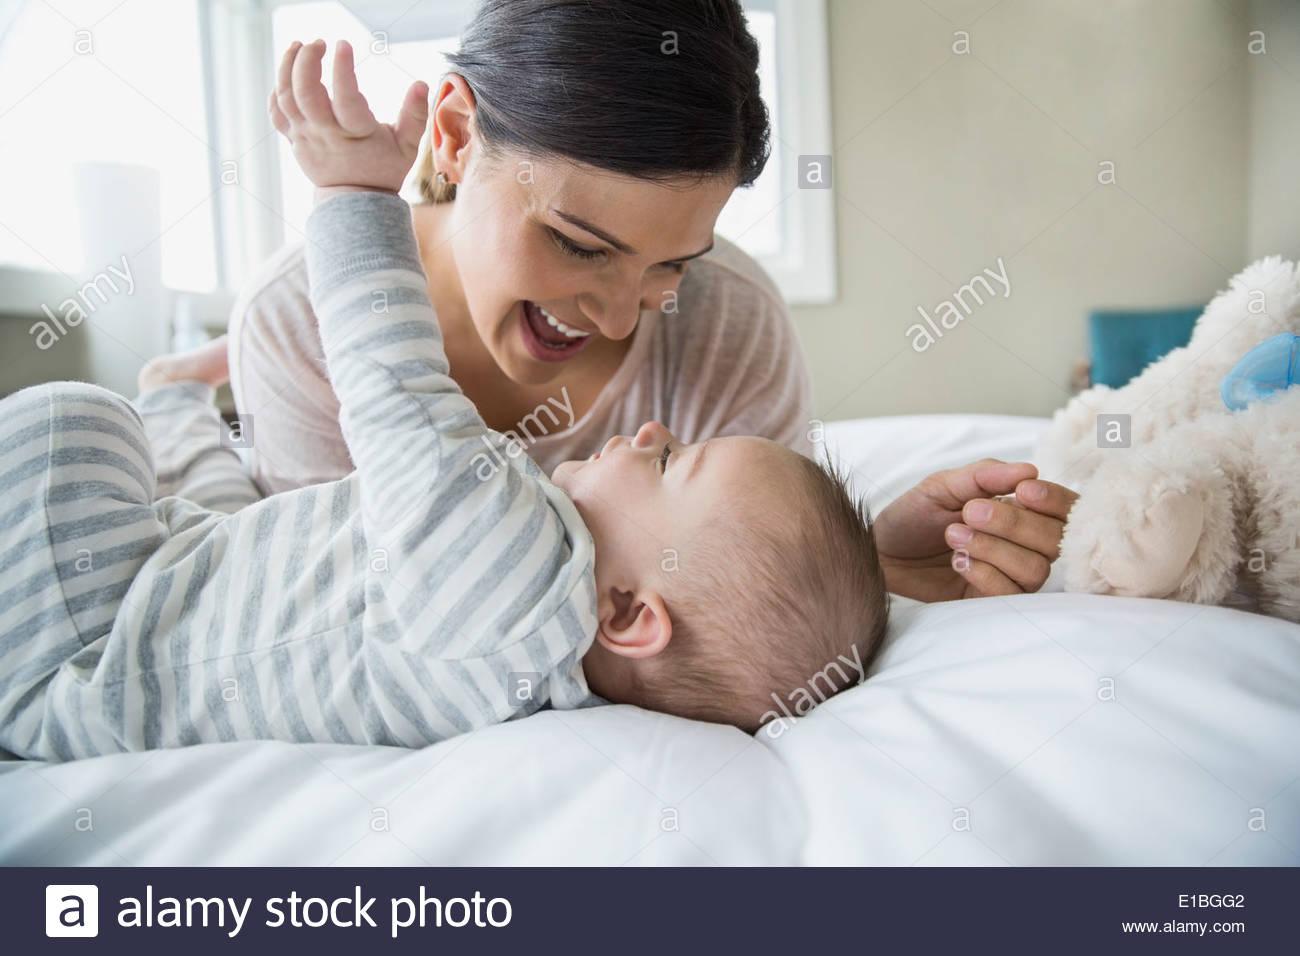 La madre y el bebé riendo en la cama Imagen De Stock